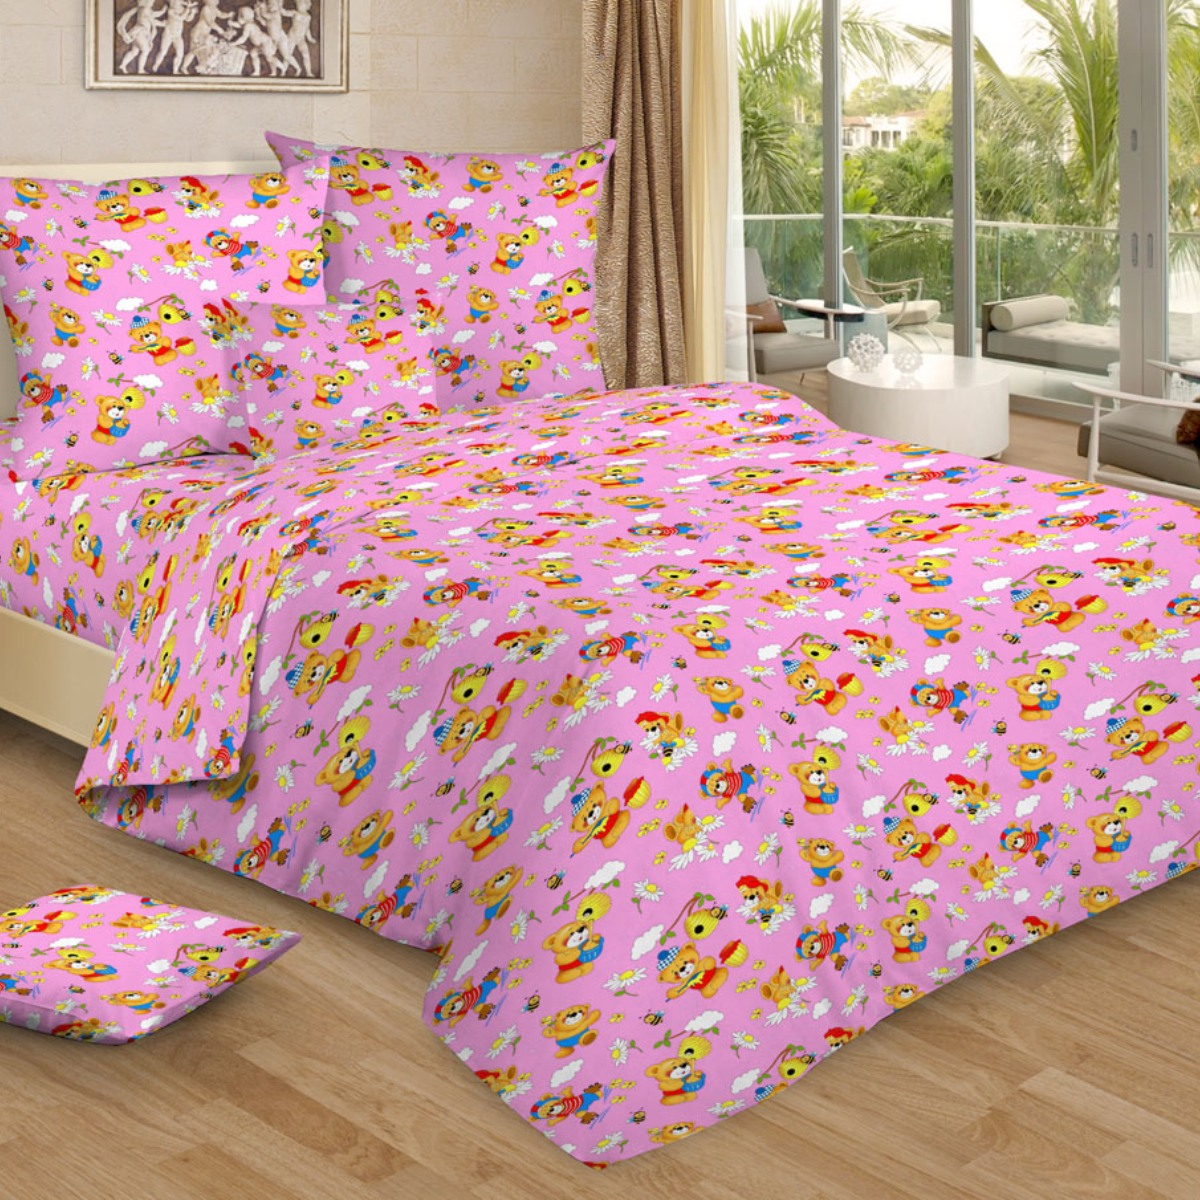 """Комплект белья детский Letto """"Медовый мишка"""", 1,5-спальный, наволочки 50x70, цвет: розовый"""